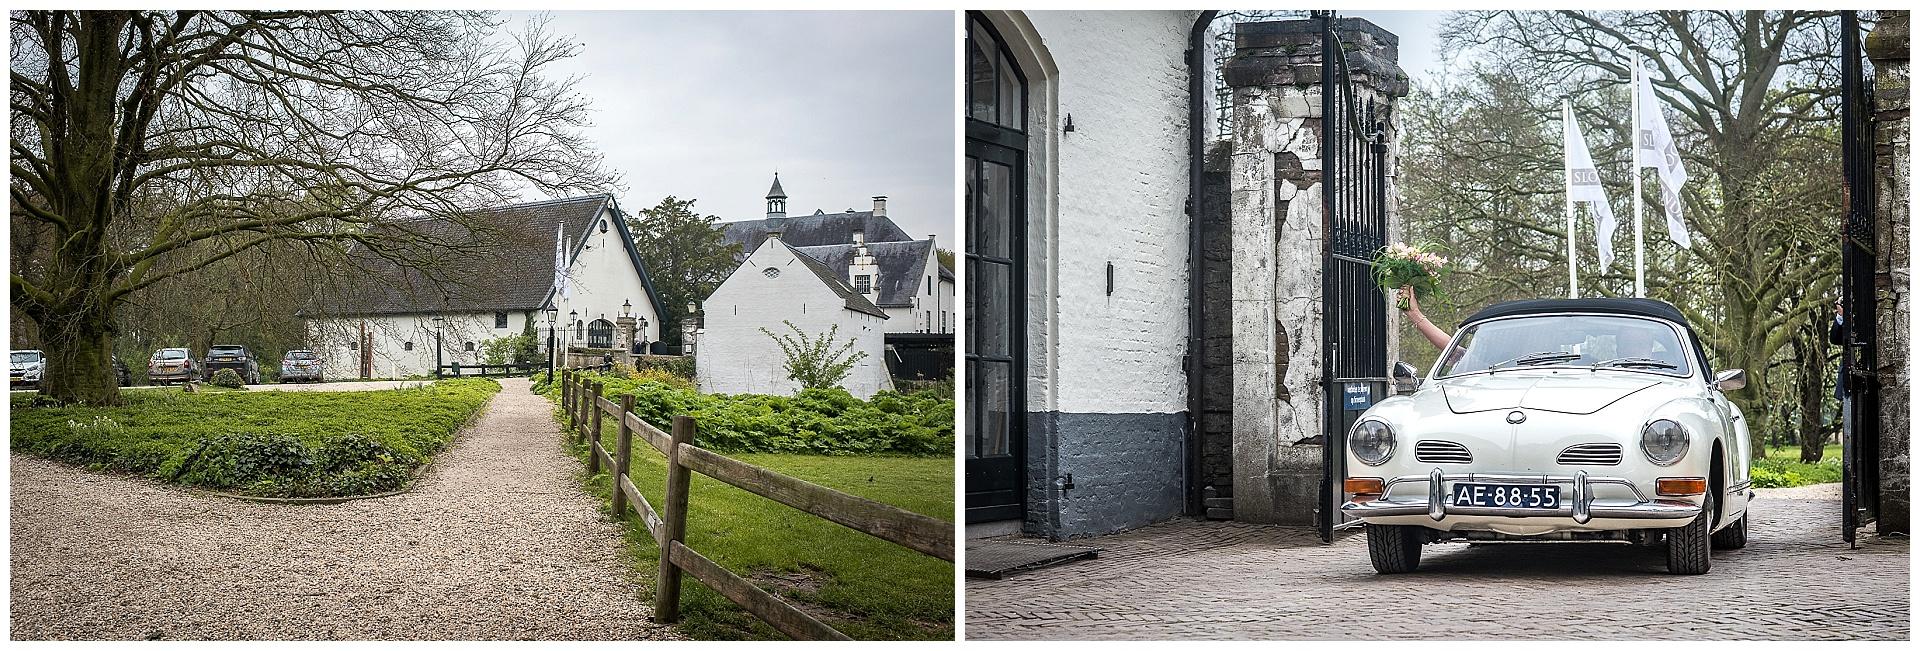 Slot Doddendael Ewijk fotograaf